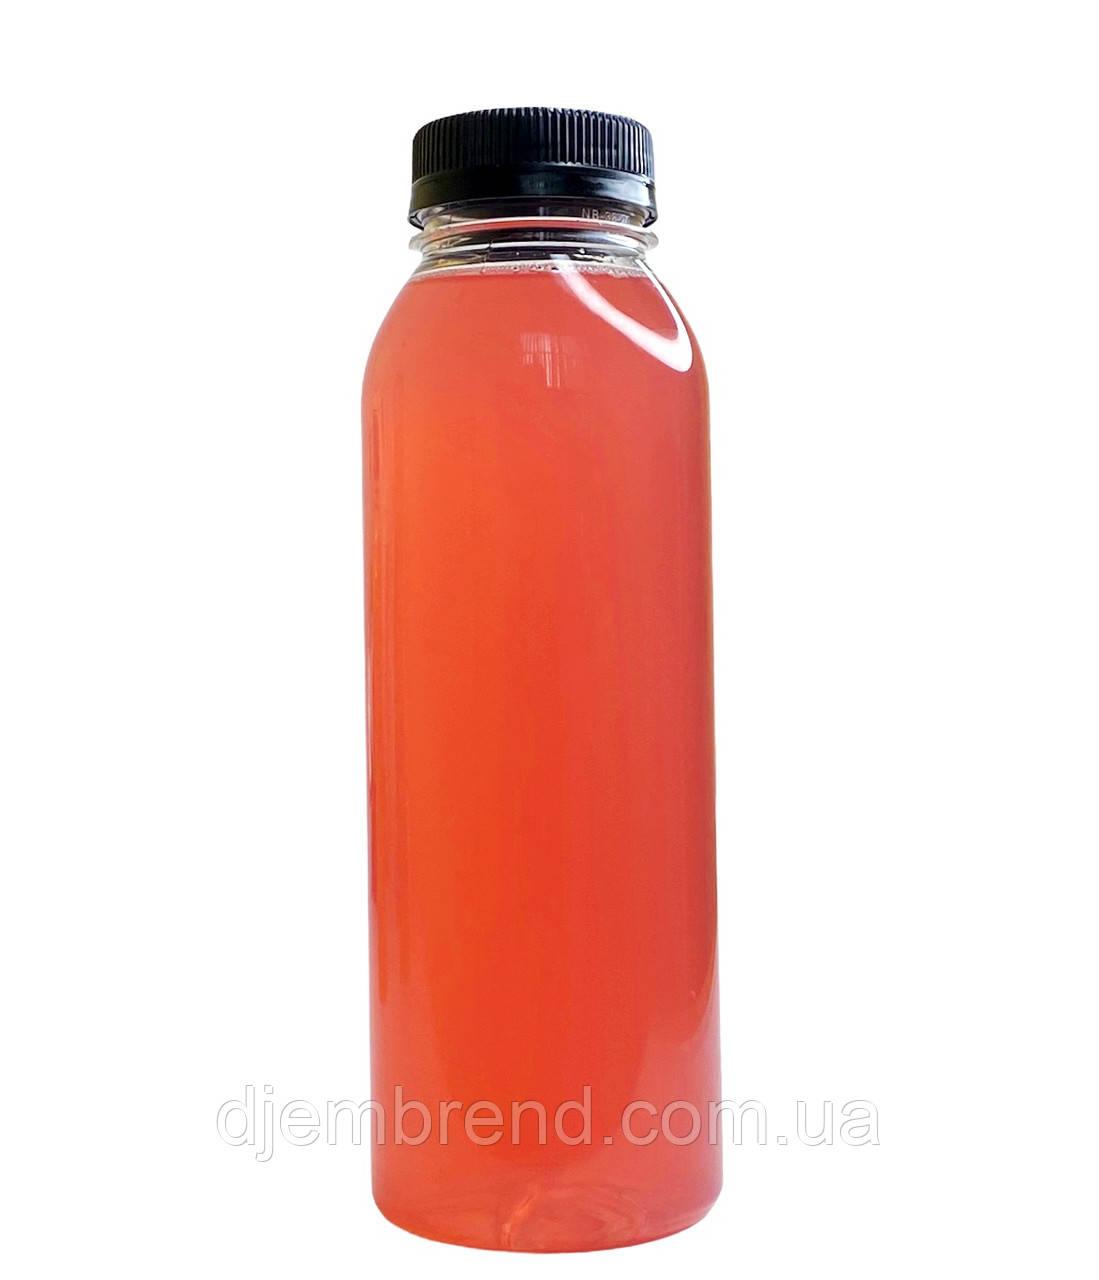 Бутылка пластиковая 400 мл, 38 мм горло, 200 шт в упаковке